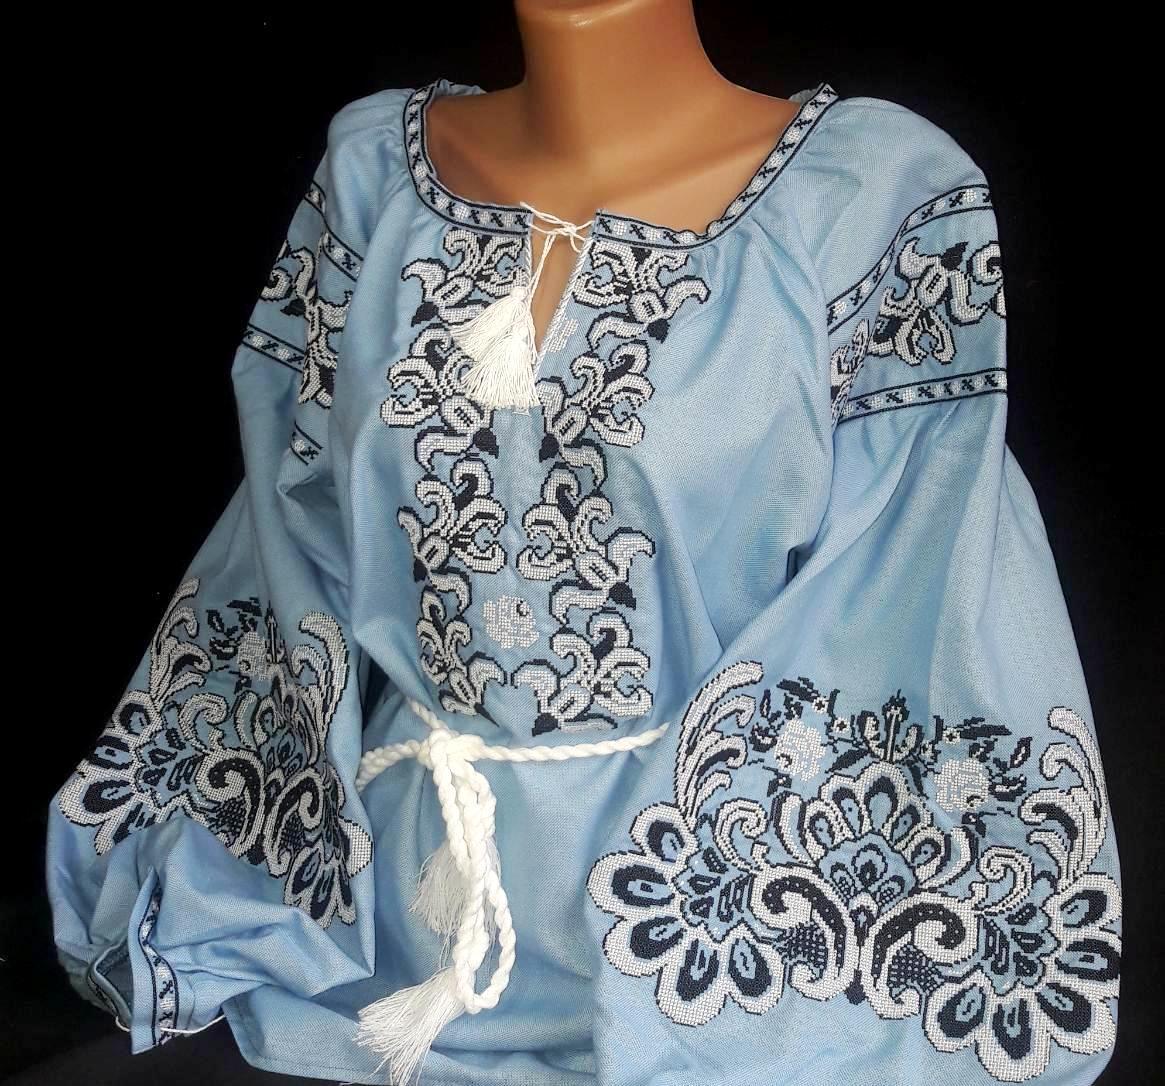 Женская блуза с вышивкой Стефания под голубой джинс Хлопок